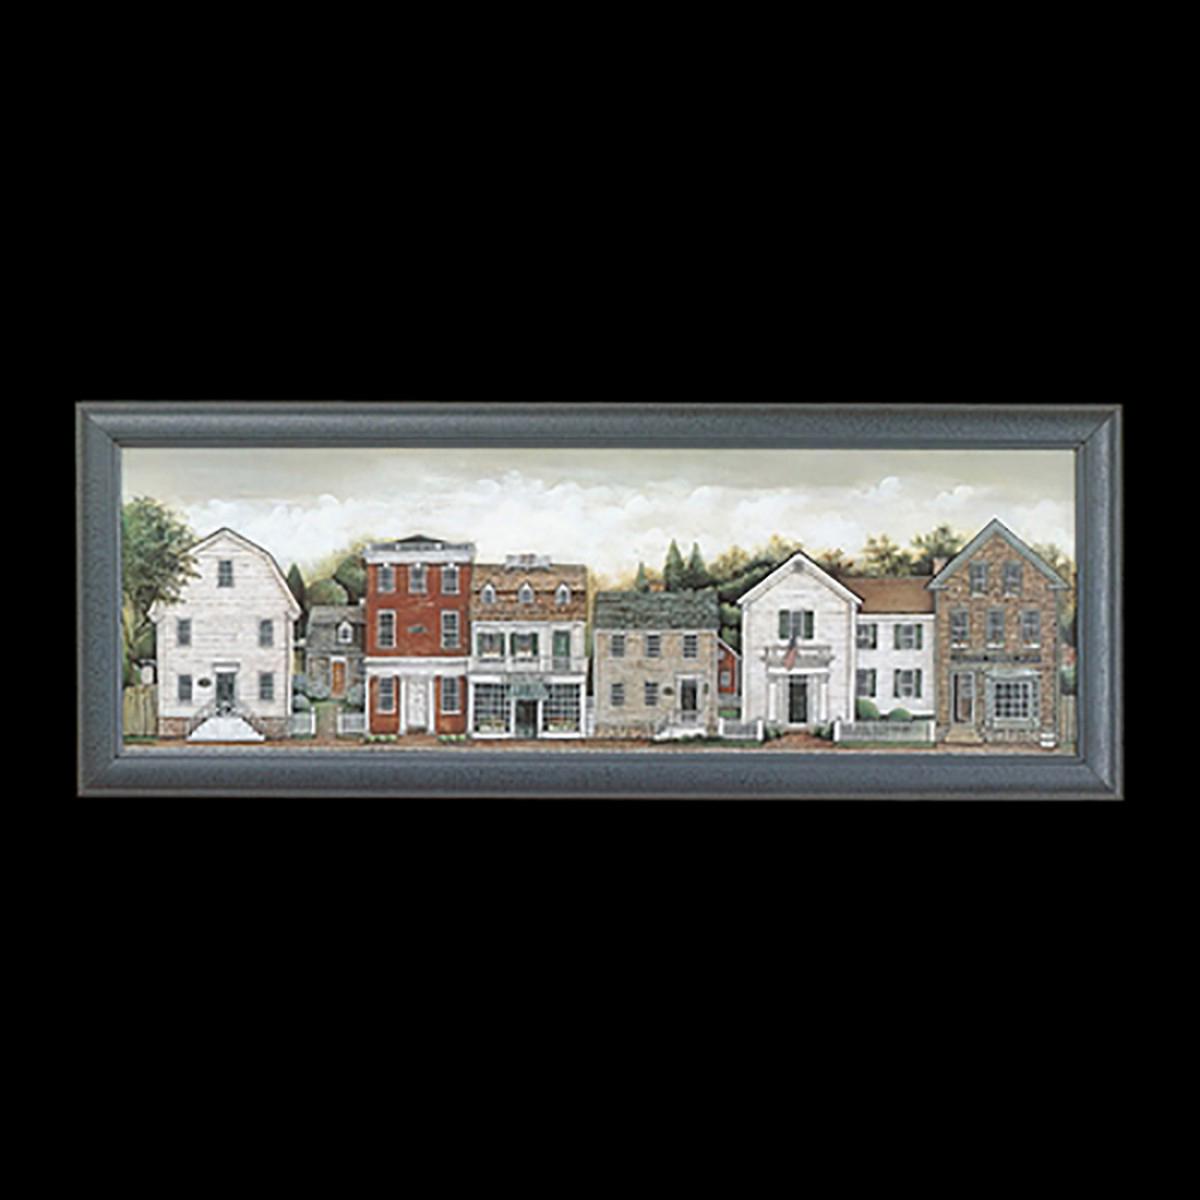 Framed Print Small Town 39 x 15 Wall Prints Framed Art Decoratvie Framed Art